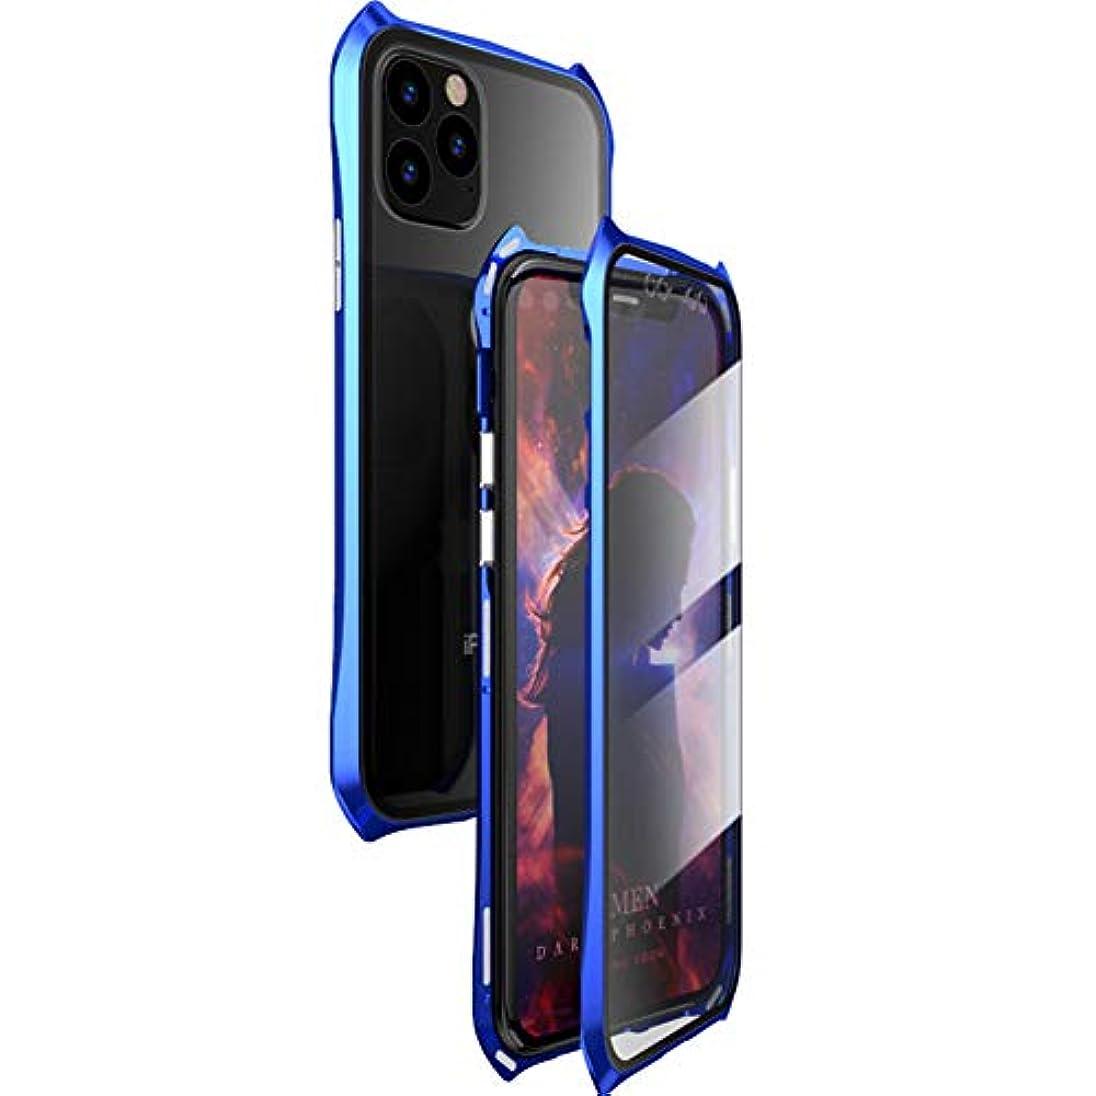 メガロポリス墓地通りIphone 保護カバー - 携帯電話シェル両面ガラス磁気キングアップル11保護カバーオールインクルーシブアンチフォール男性と女性の